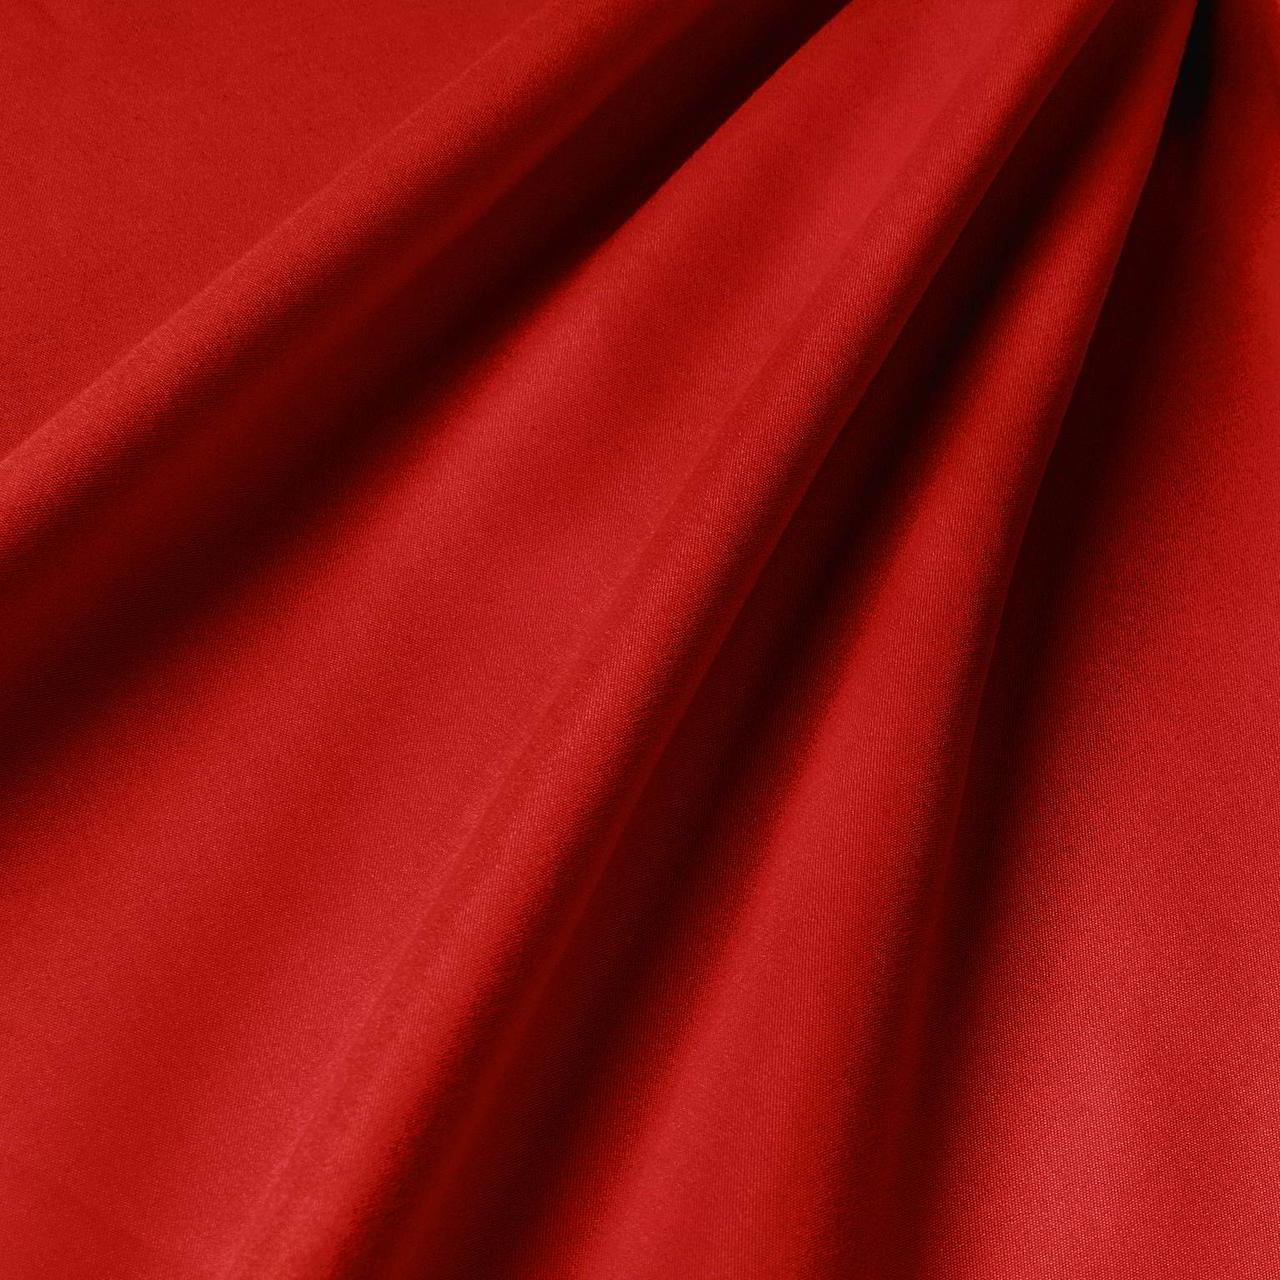 Подкладочная ткань с матовой фактурой (Испания) 83314v17